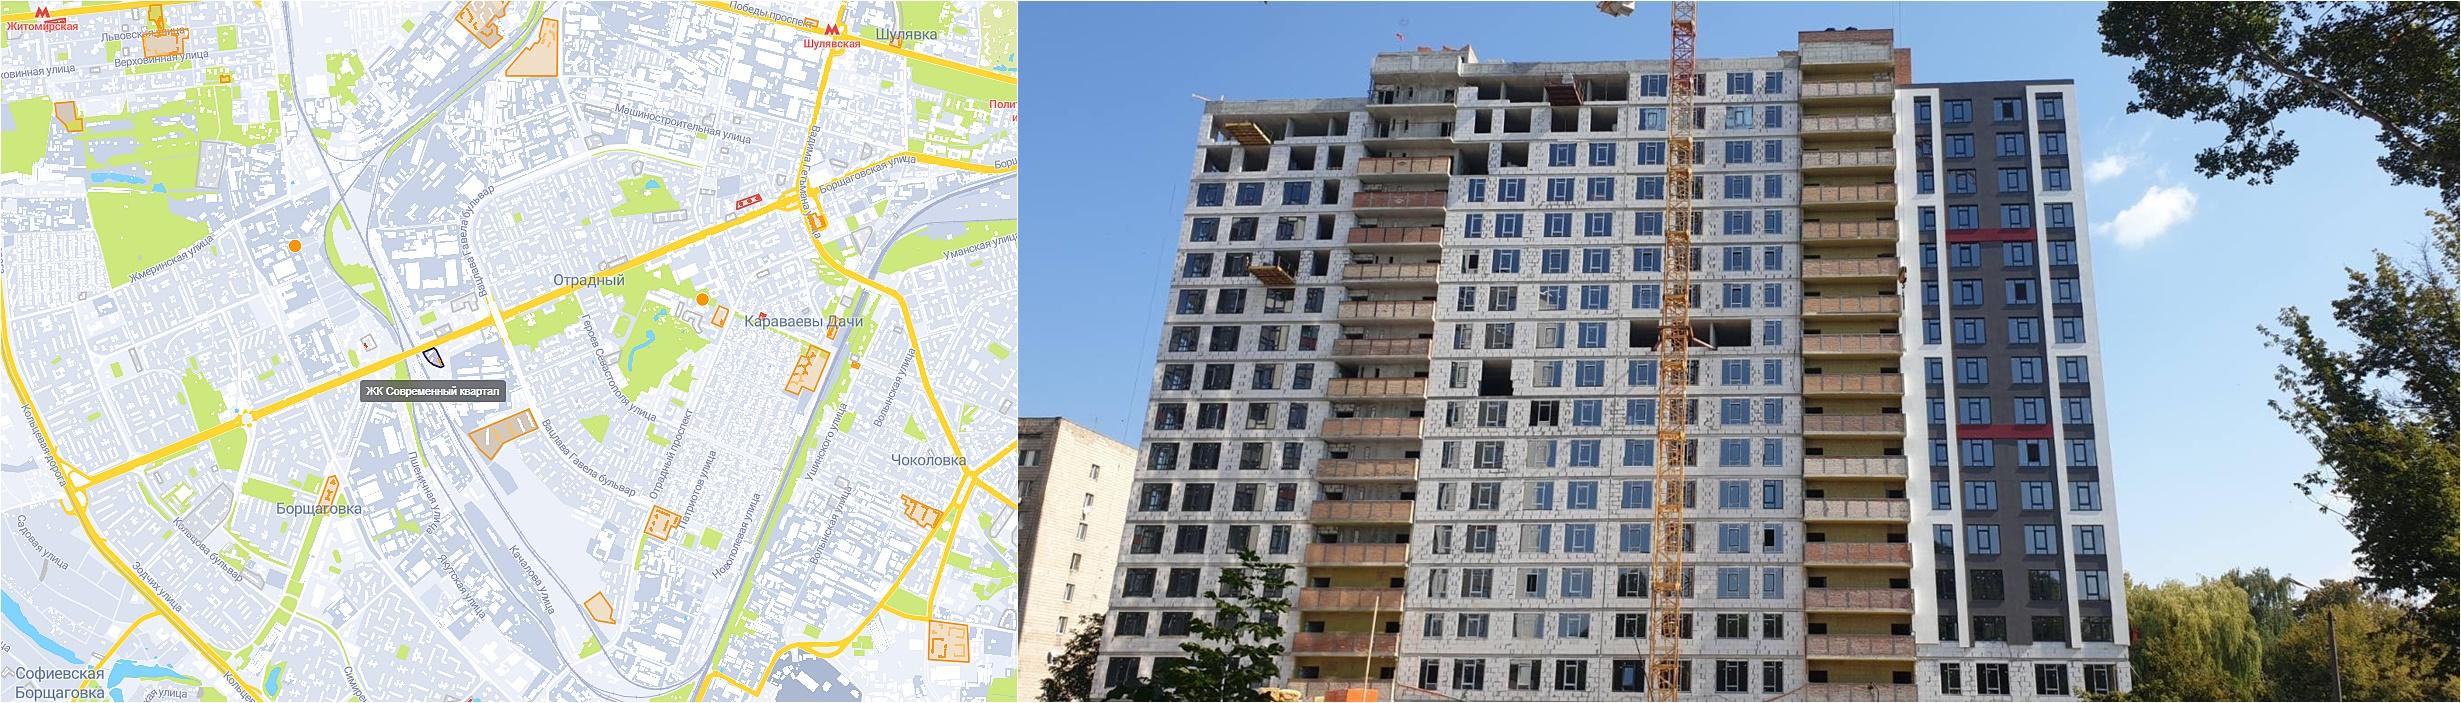 ЖК Современный квартал на карте и ход строительства